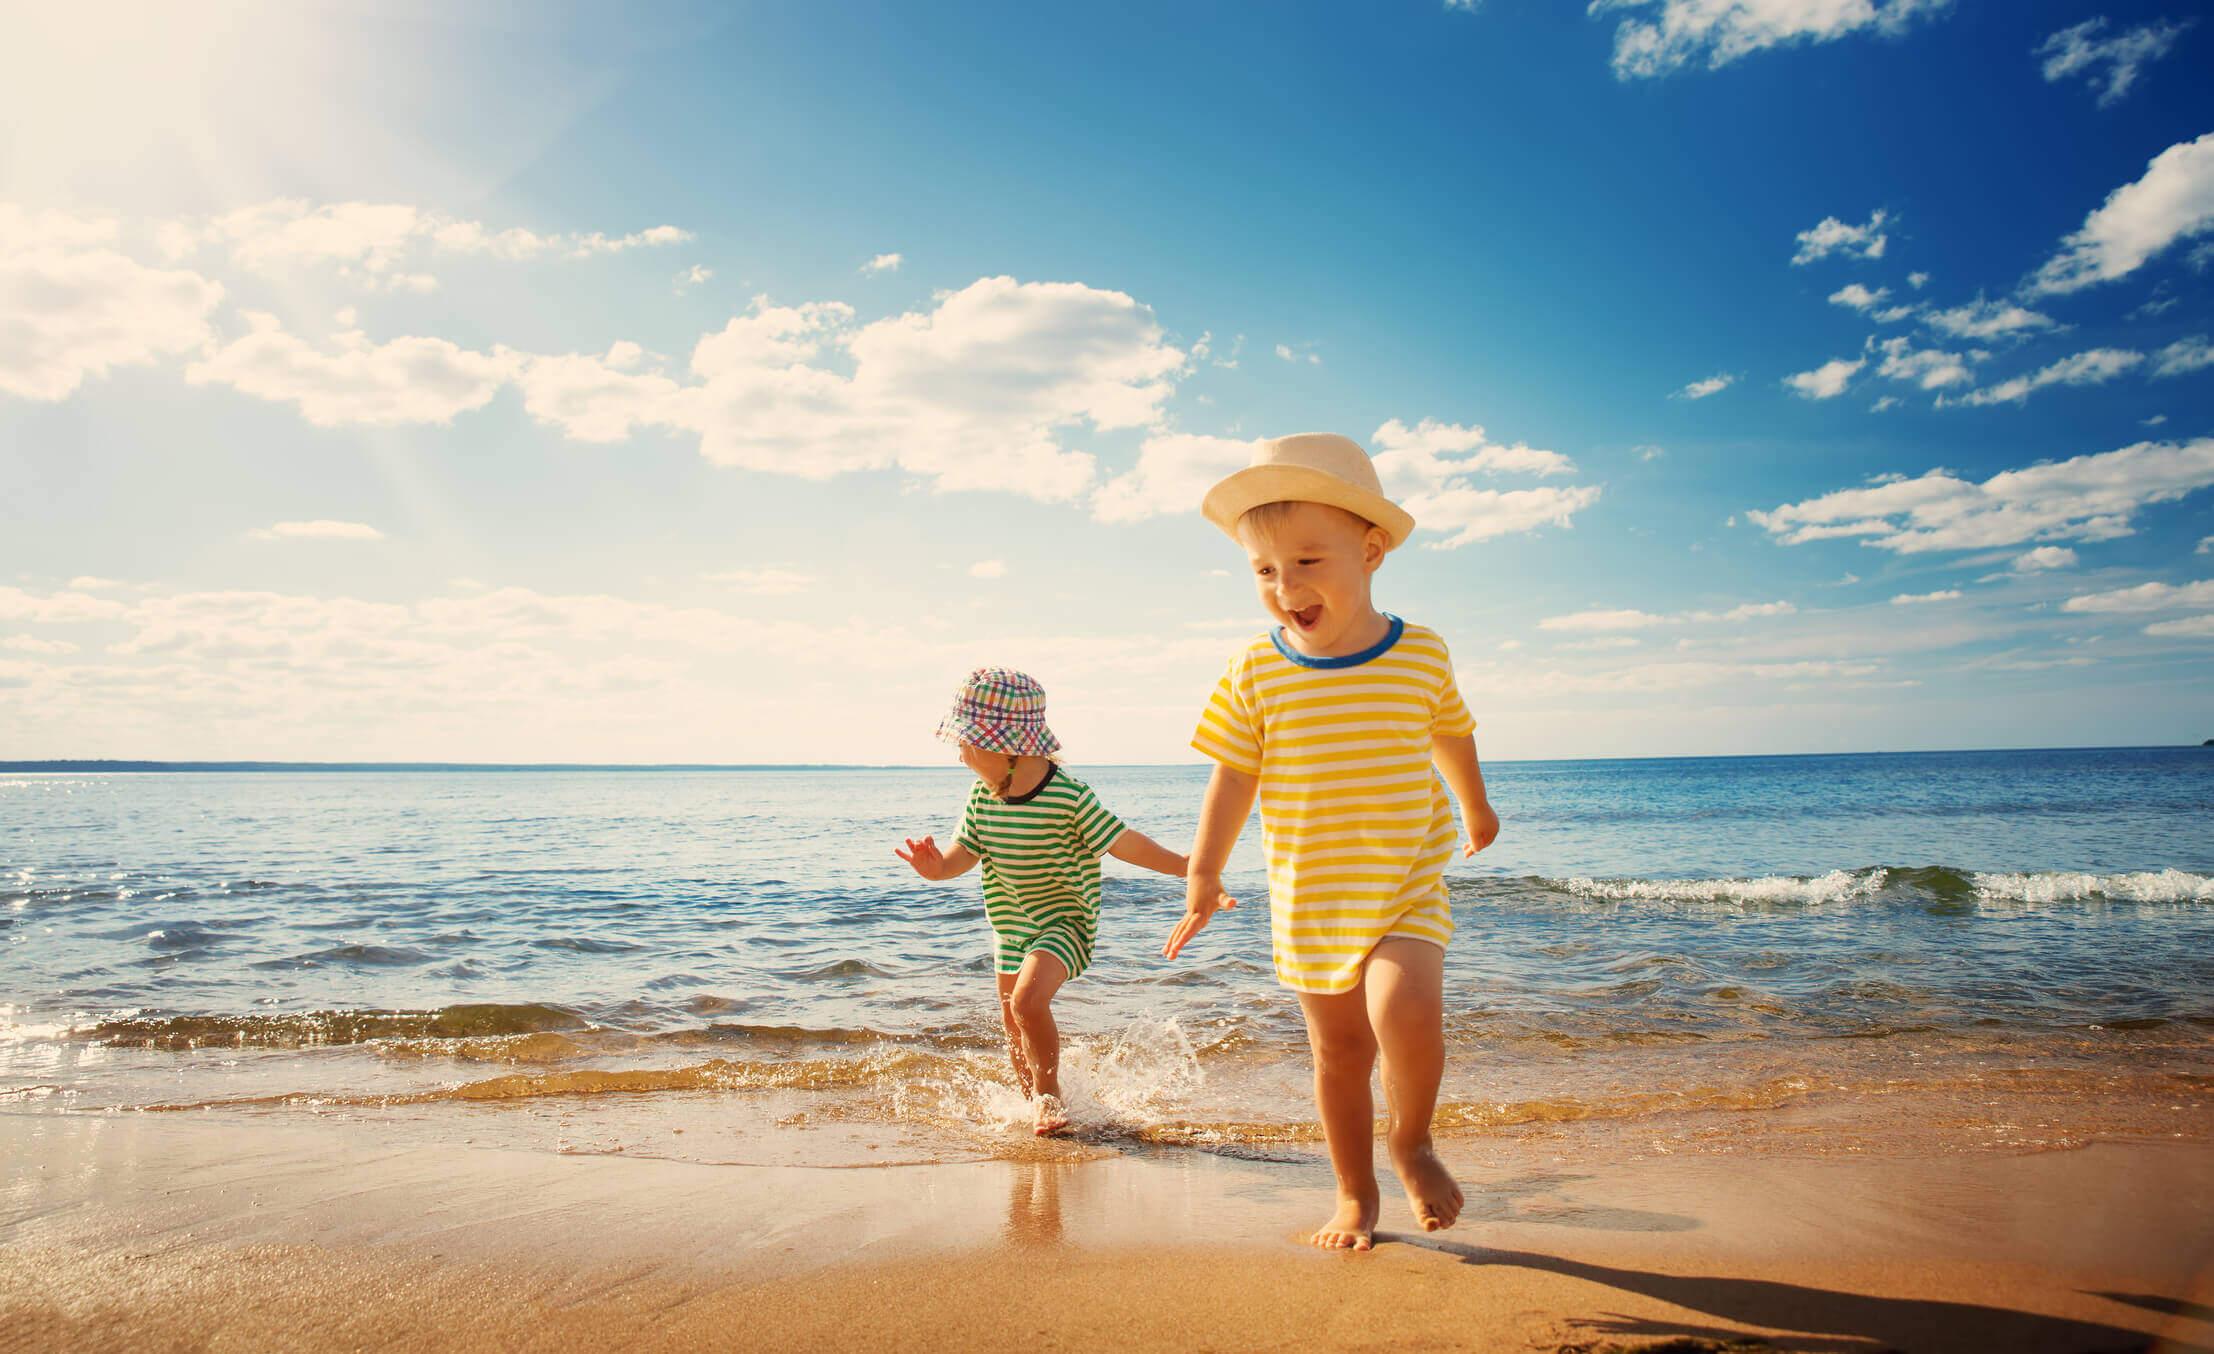 Fique atento nas dicas de cuidados com as crianças na praia.